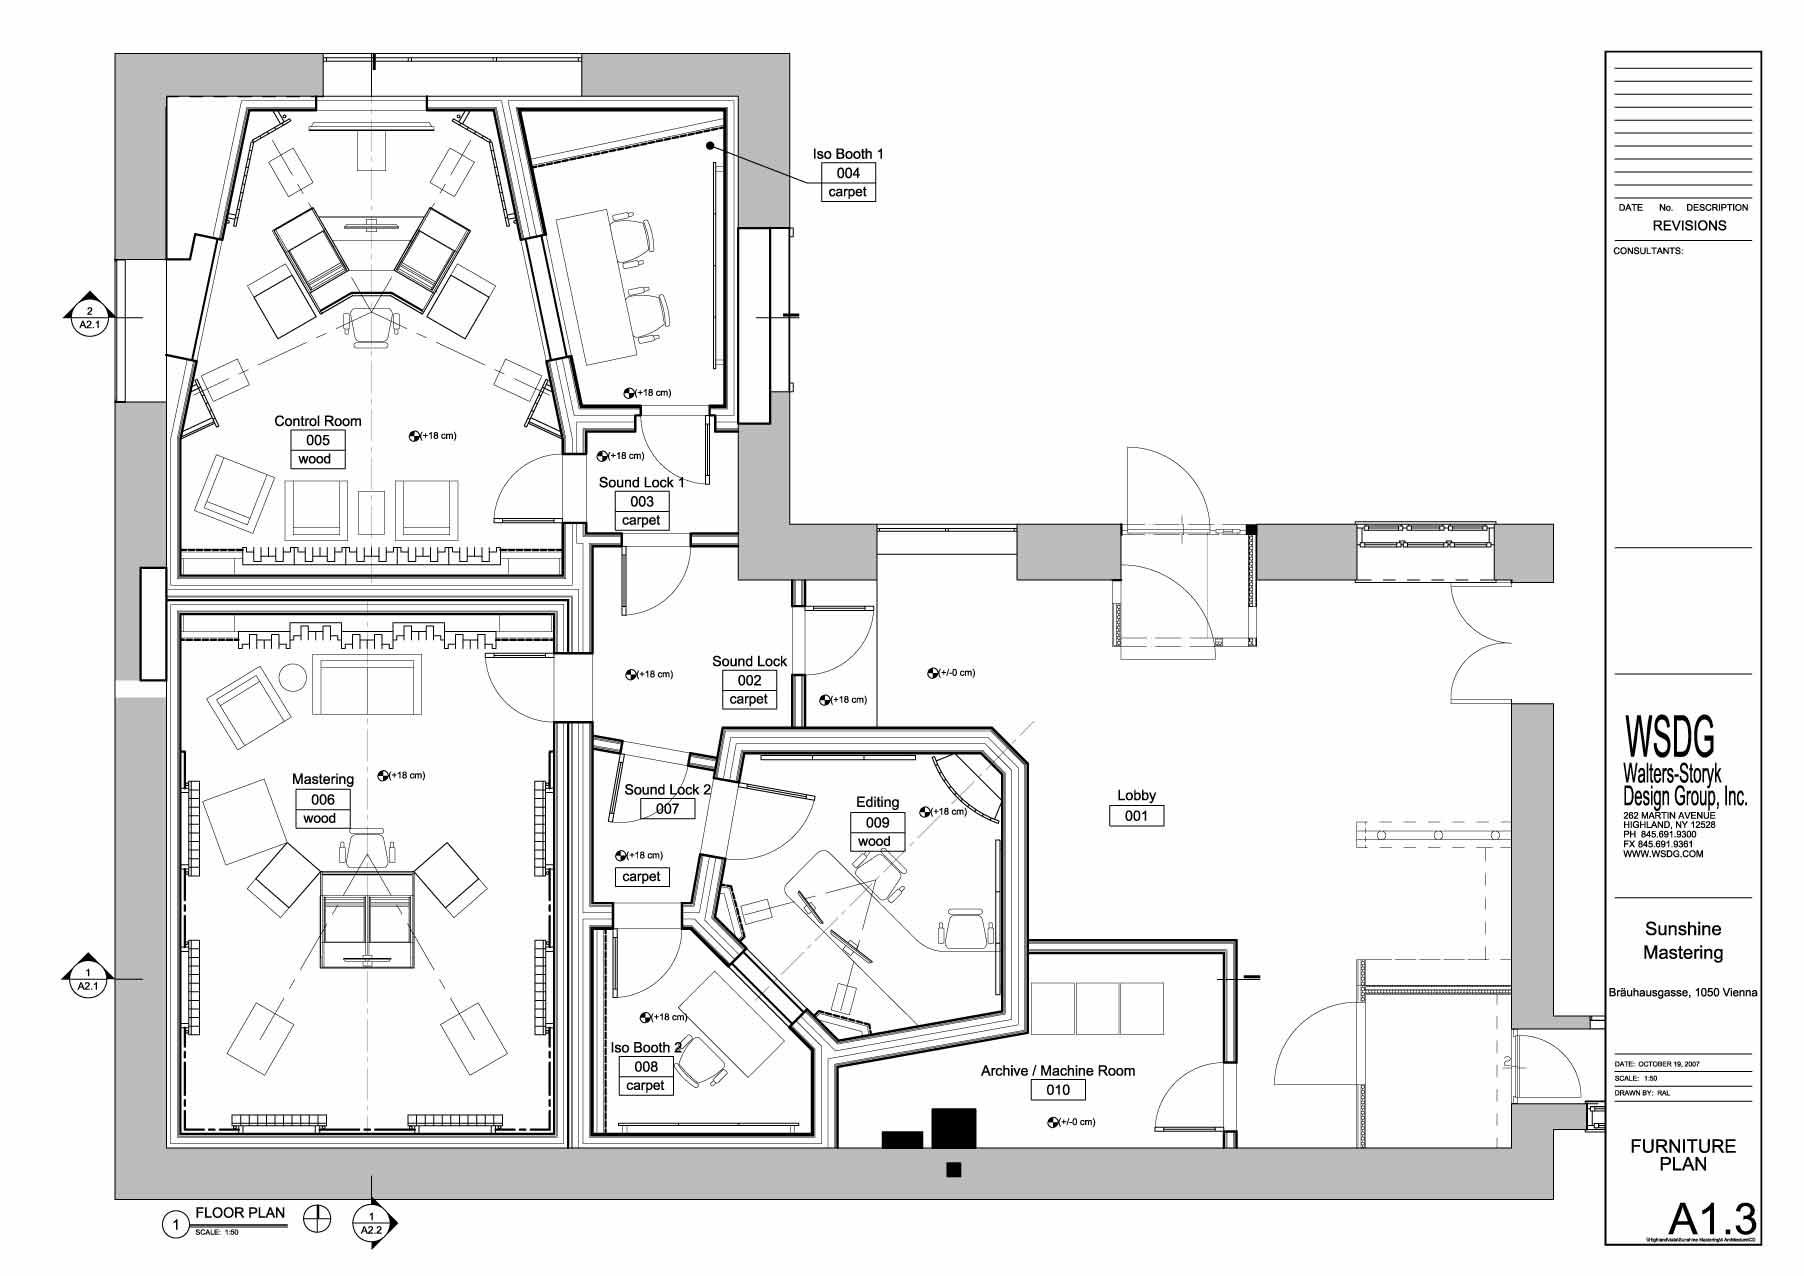 recording studio furniture plans